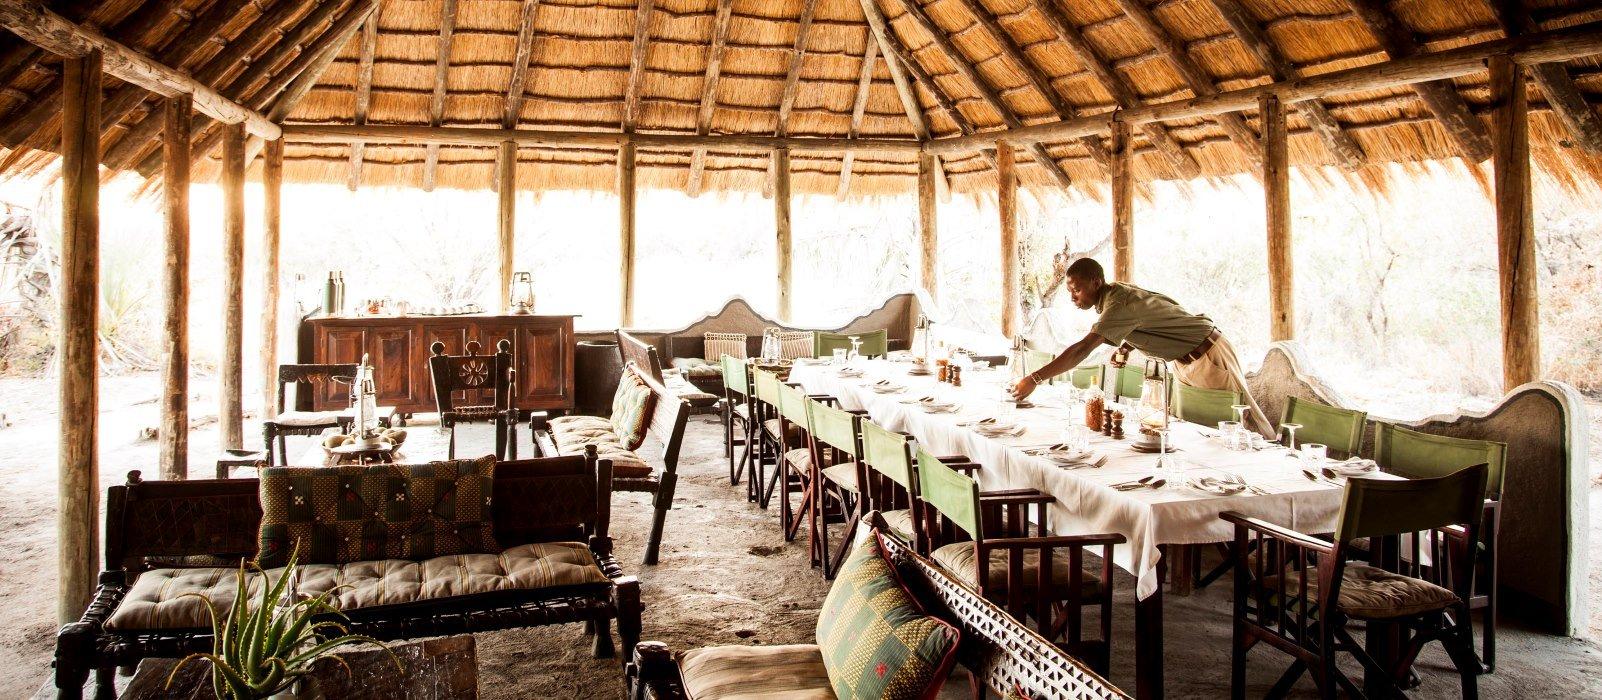 Camp_Kalahari_UA_BSC_16